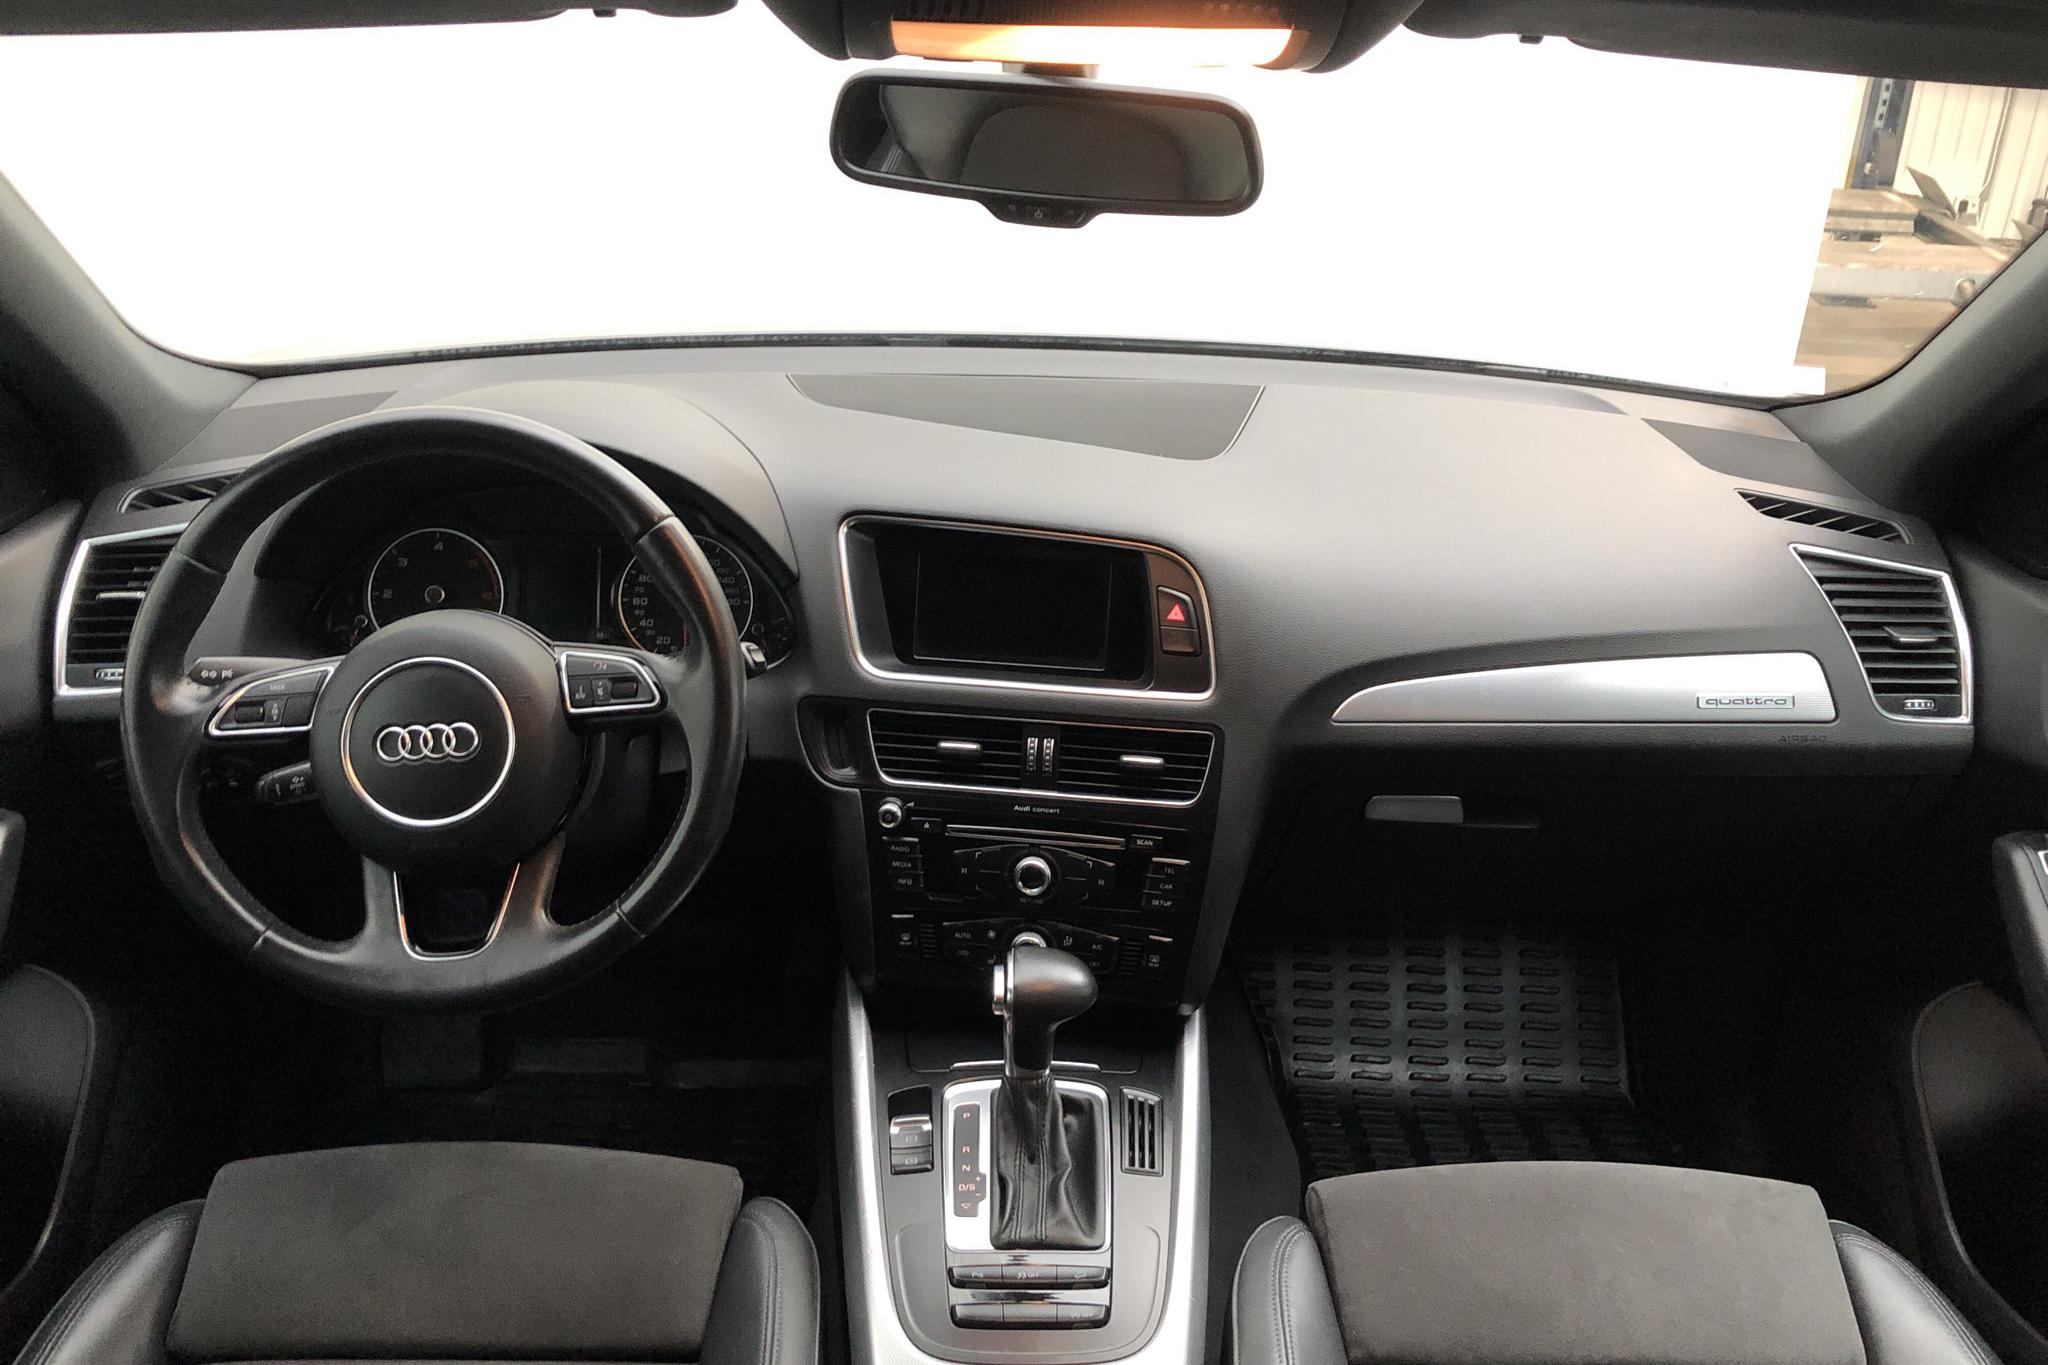 Audi Q5 2.0 TDI quattro (177hk) - 14 023 mil - Automat - grå - 2014